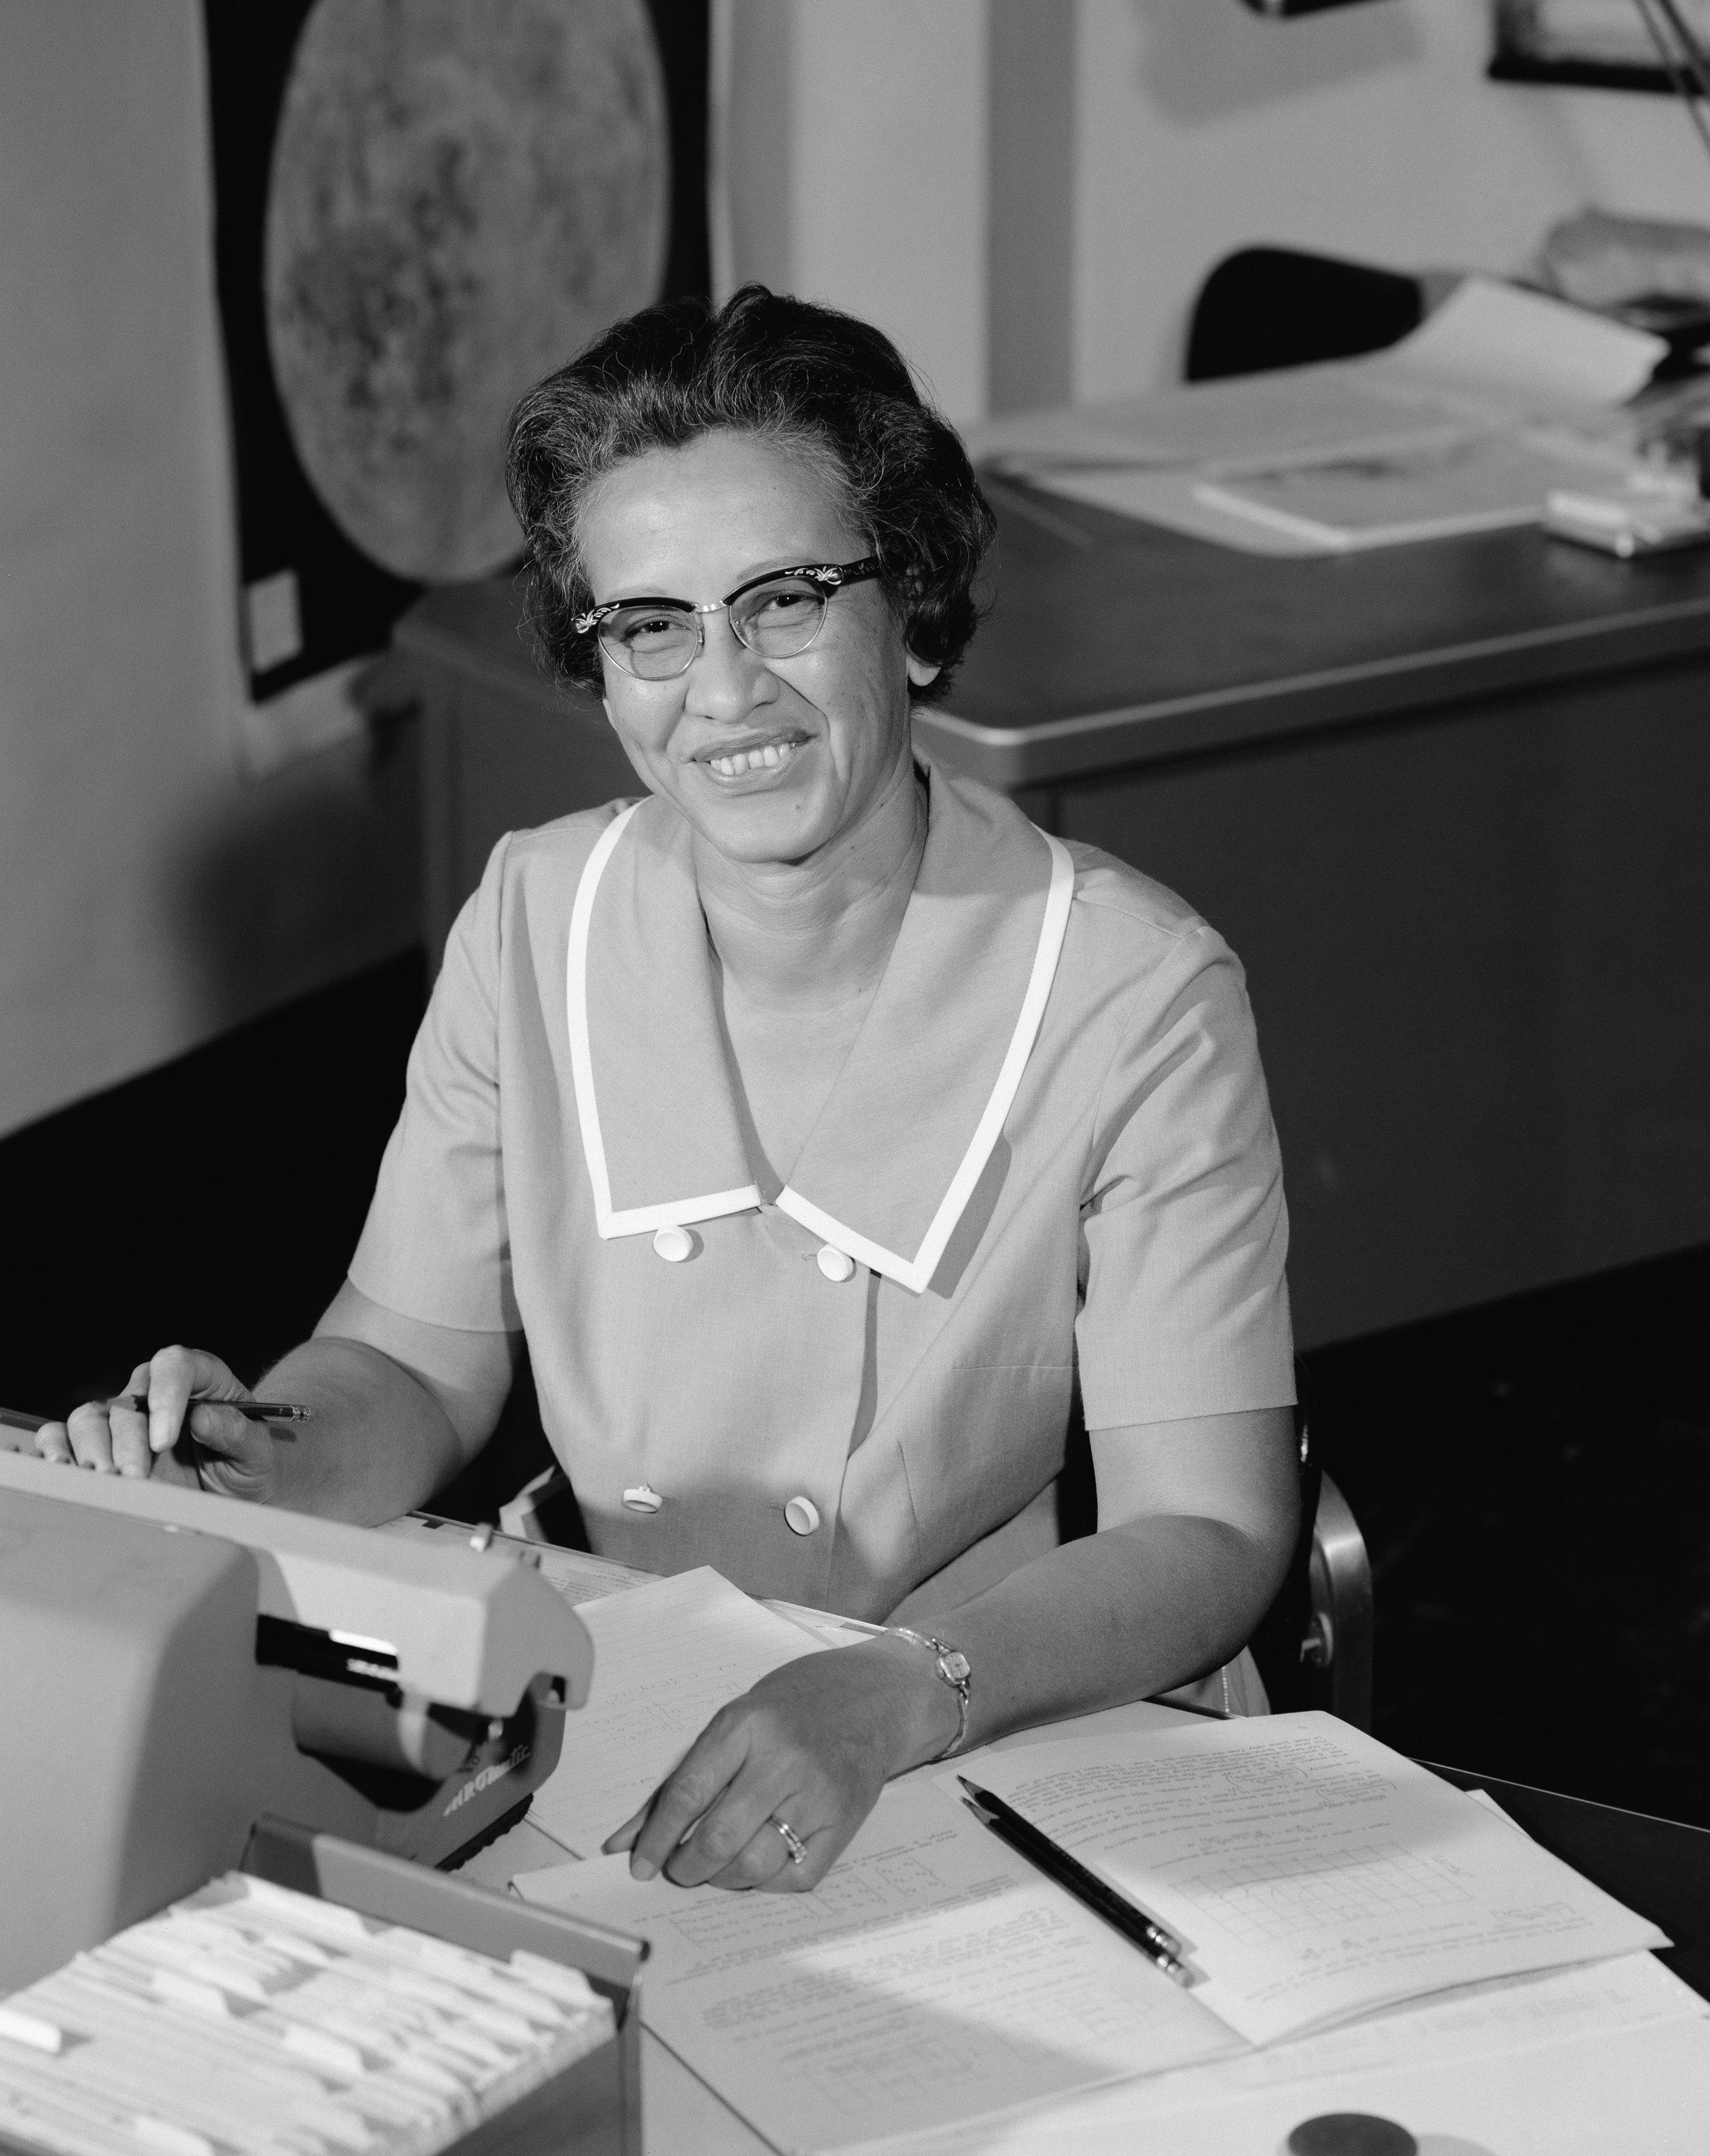 Katherine_Johnson_at_NASA,_in_1966.jpg